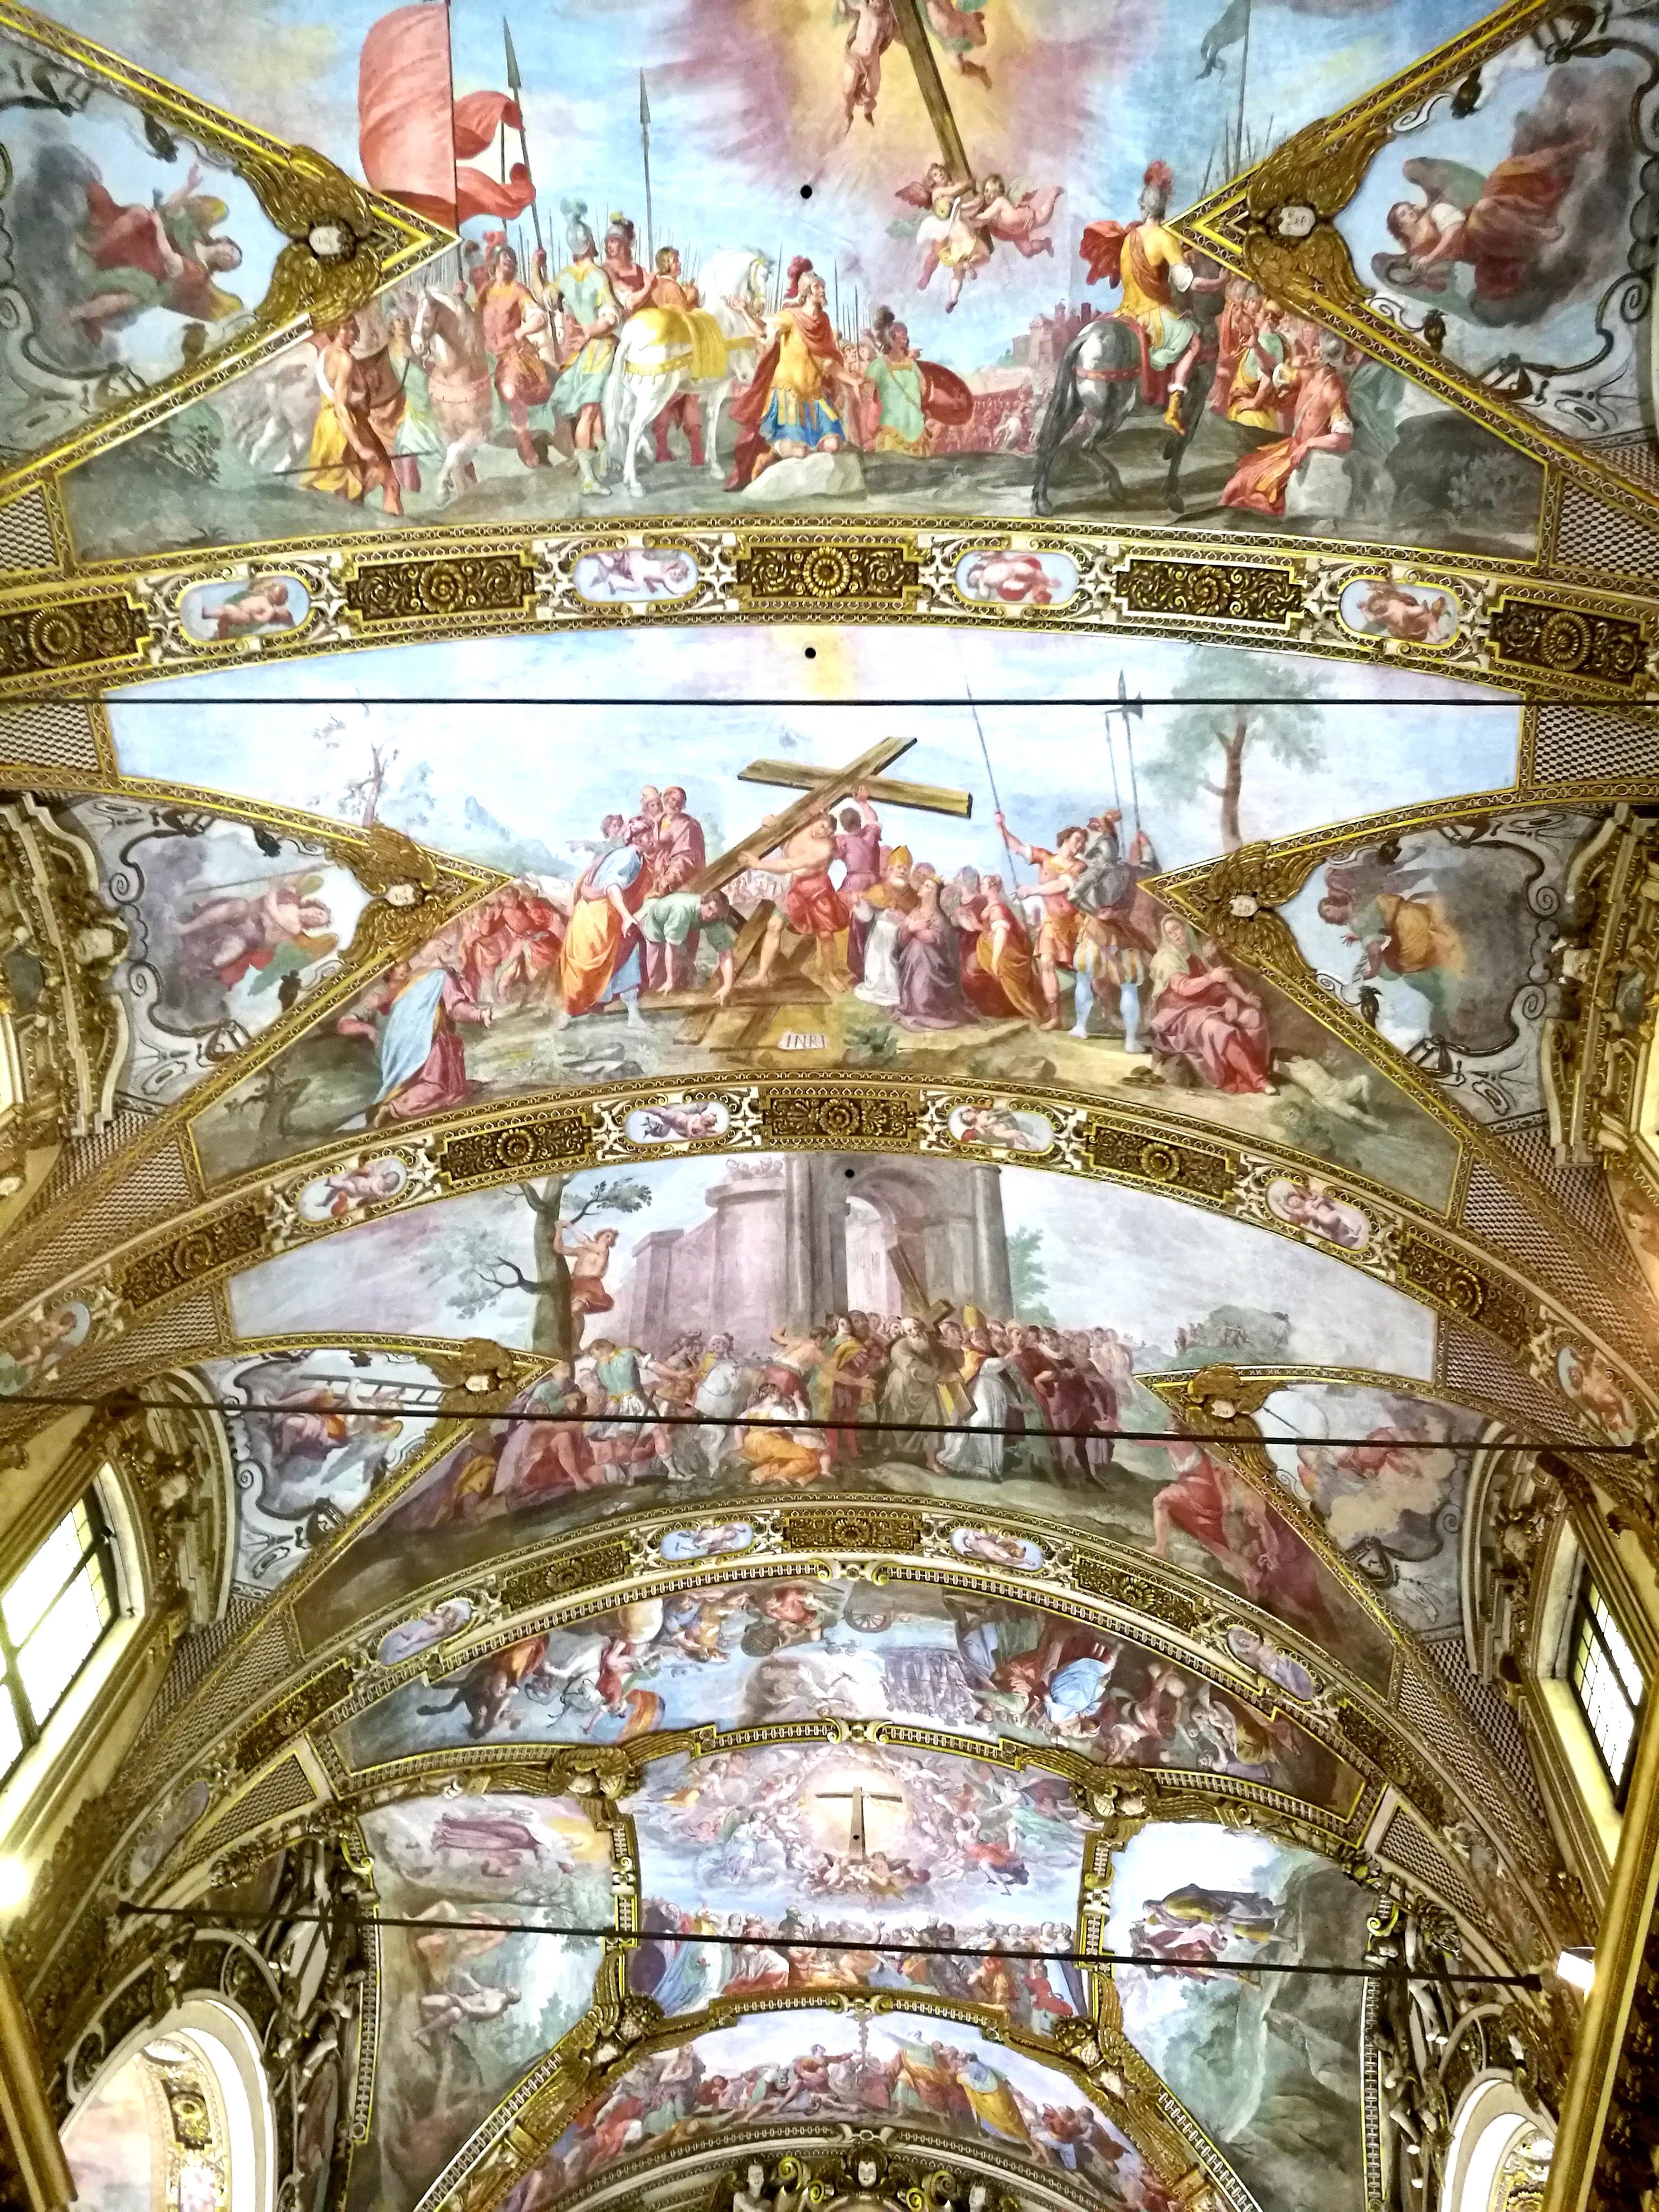 La volta della chiesa di Sant'Antonio Abate